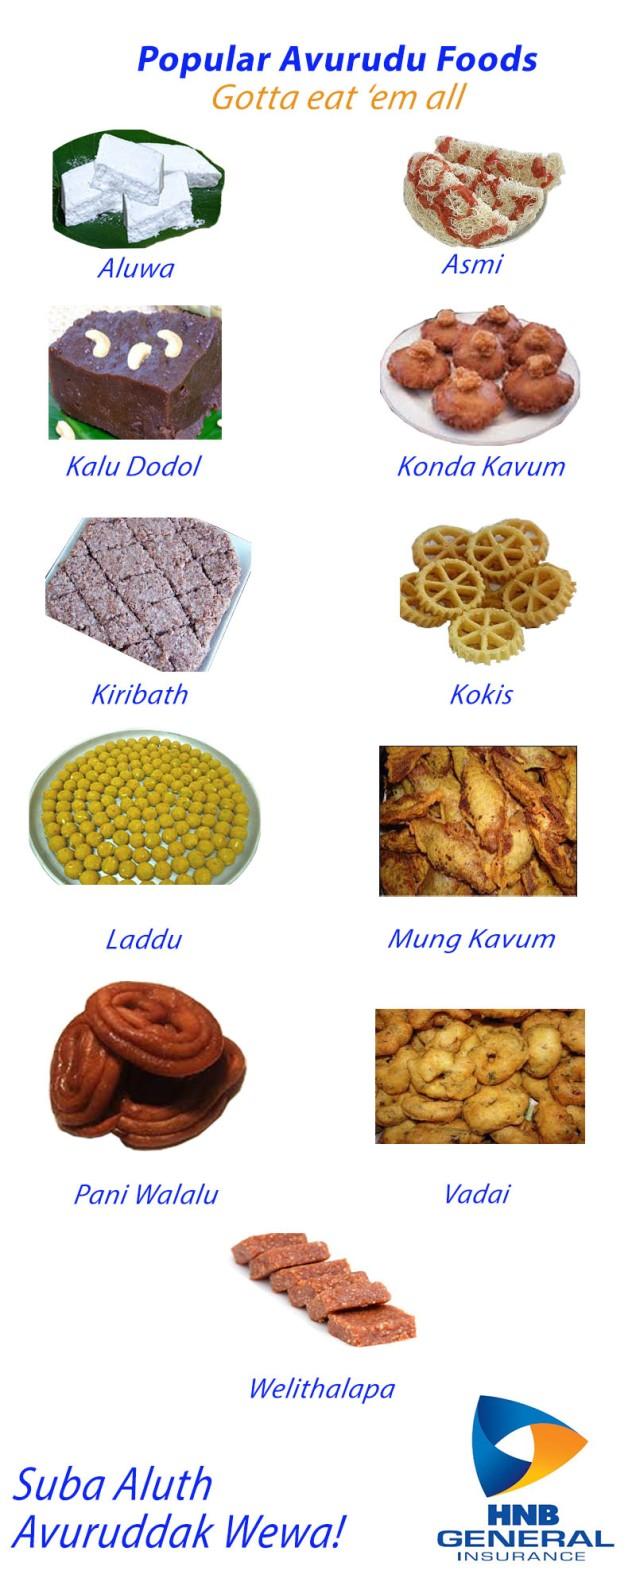 Avurudu Infographic HNBGI2